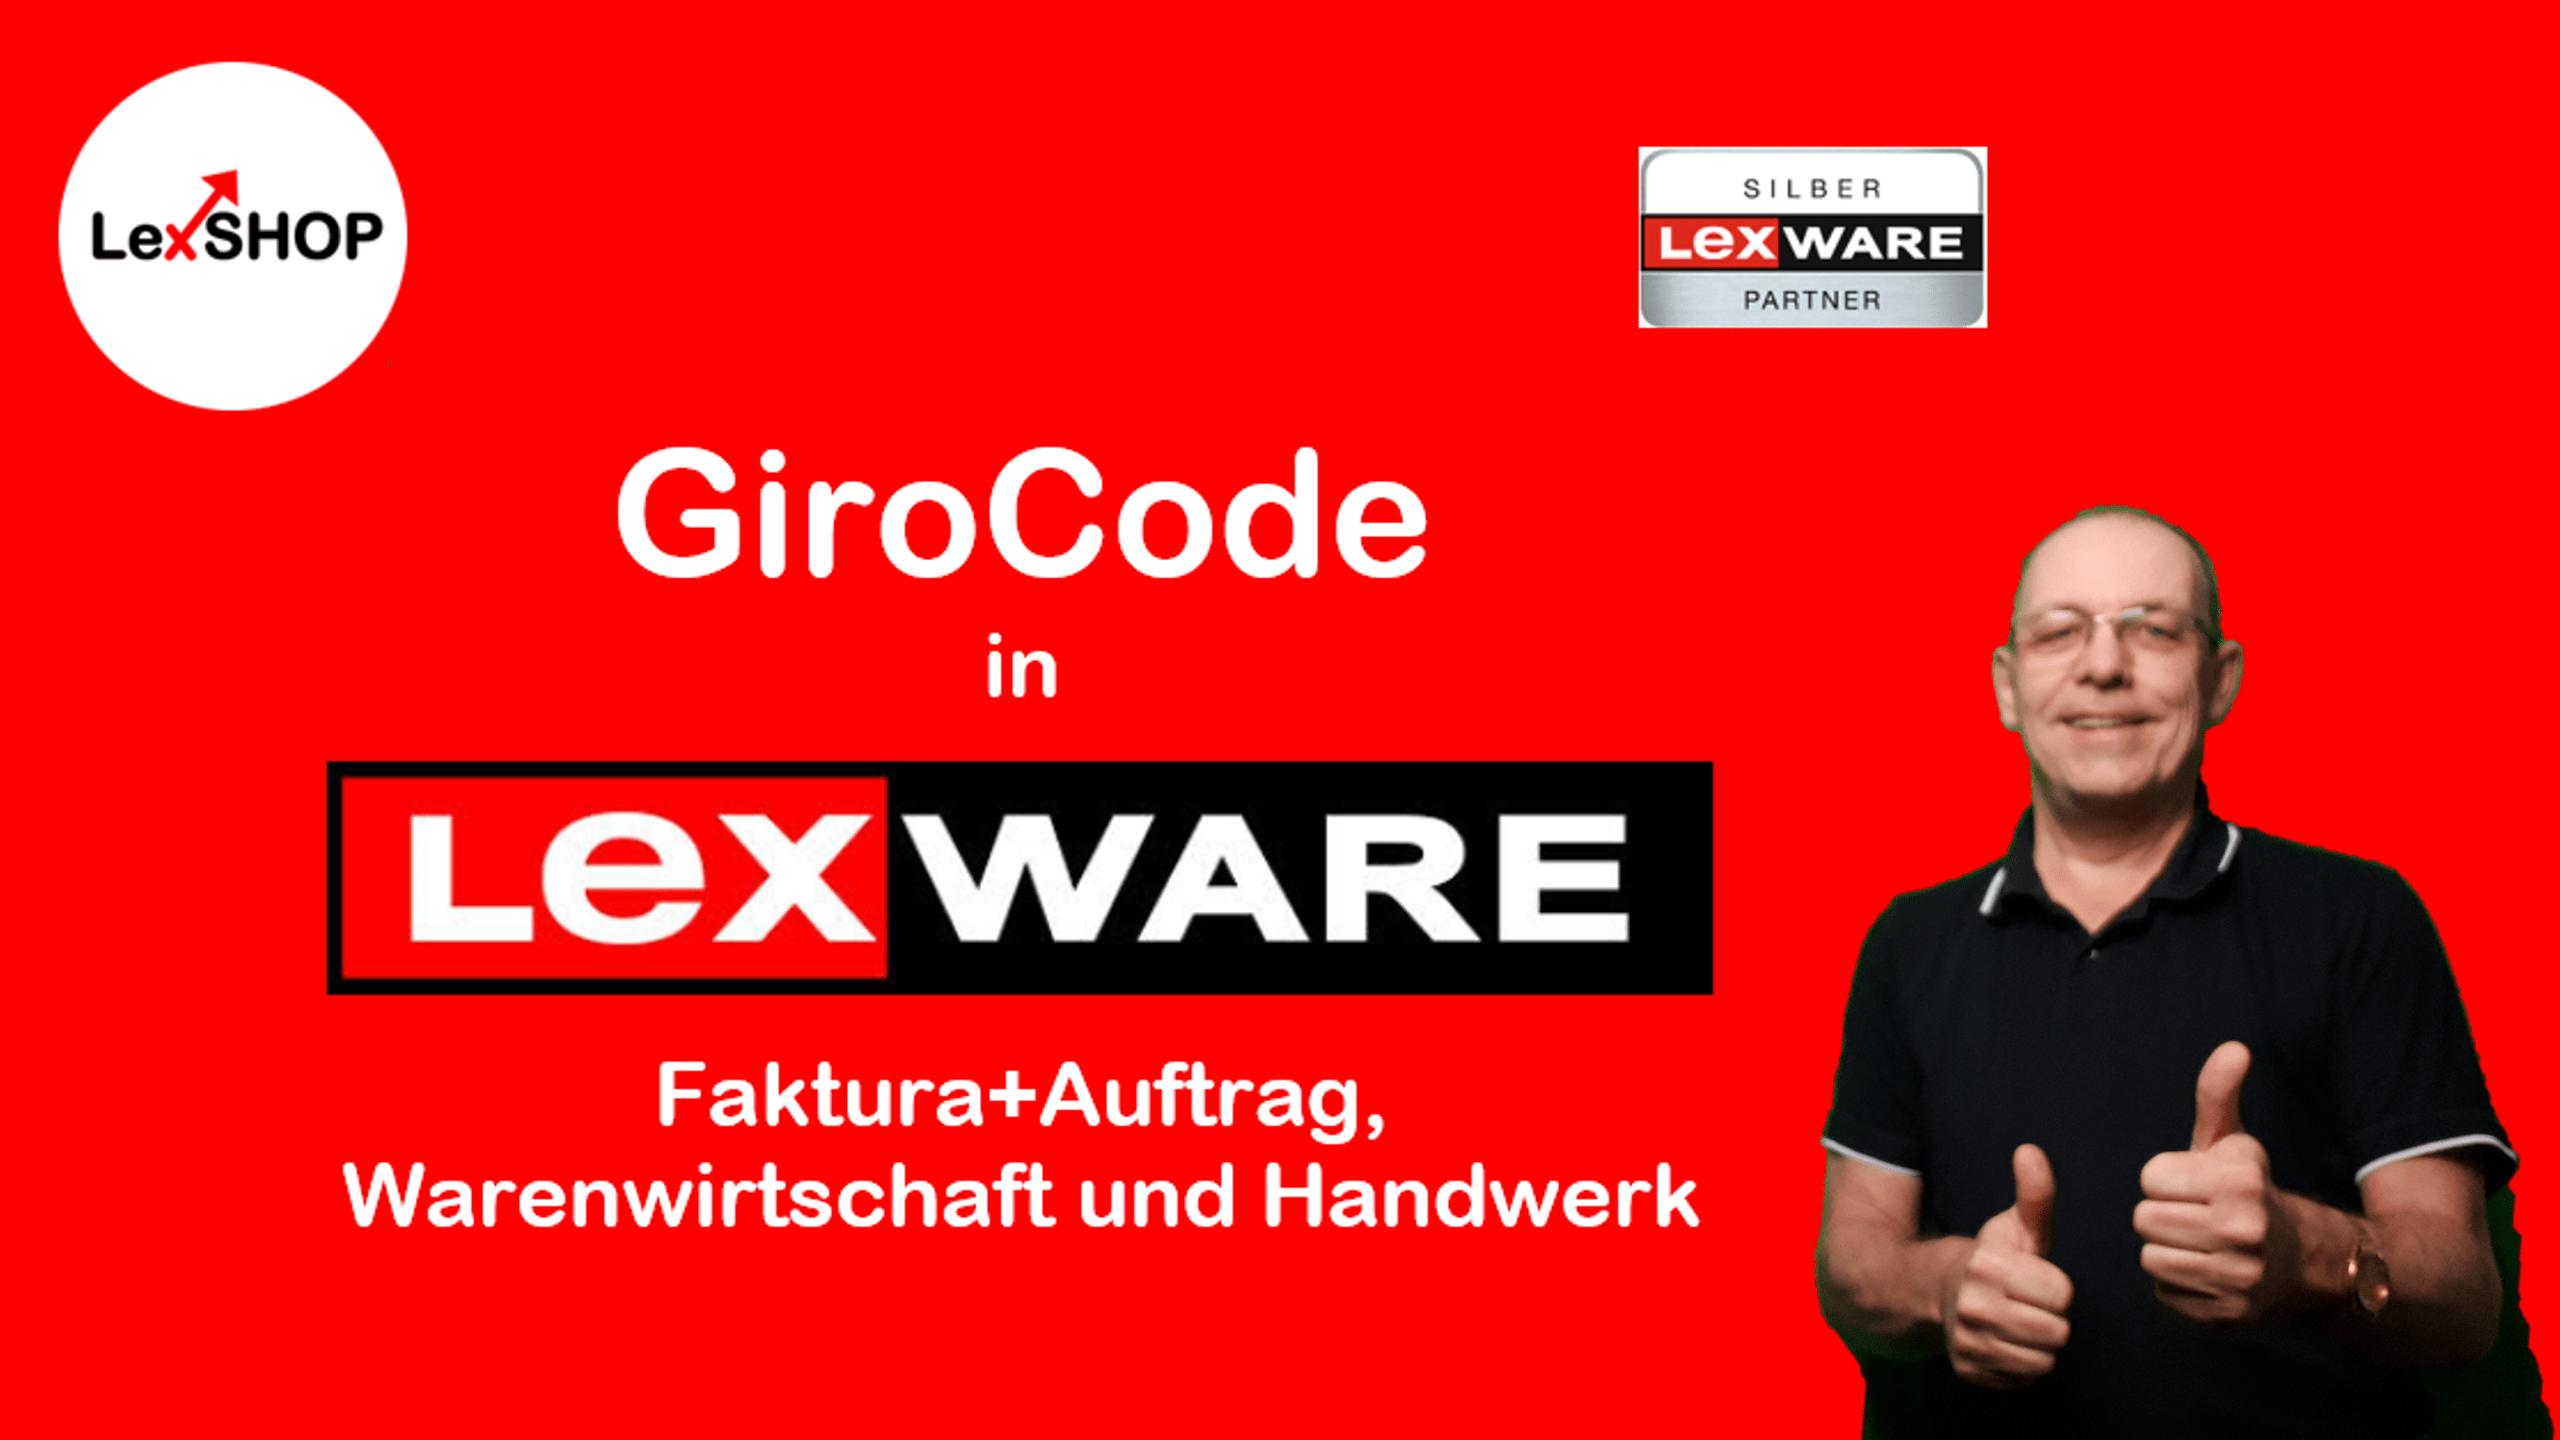 Was muss ich beachten, damit der GiroCode in Lexware Faktura+Auftrag, Warenwirtschaft und Handwerk korrekt angezeigt wird